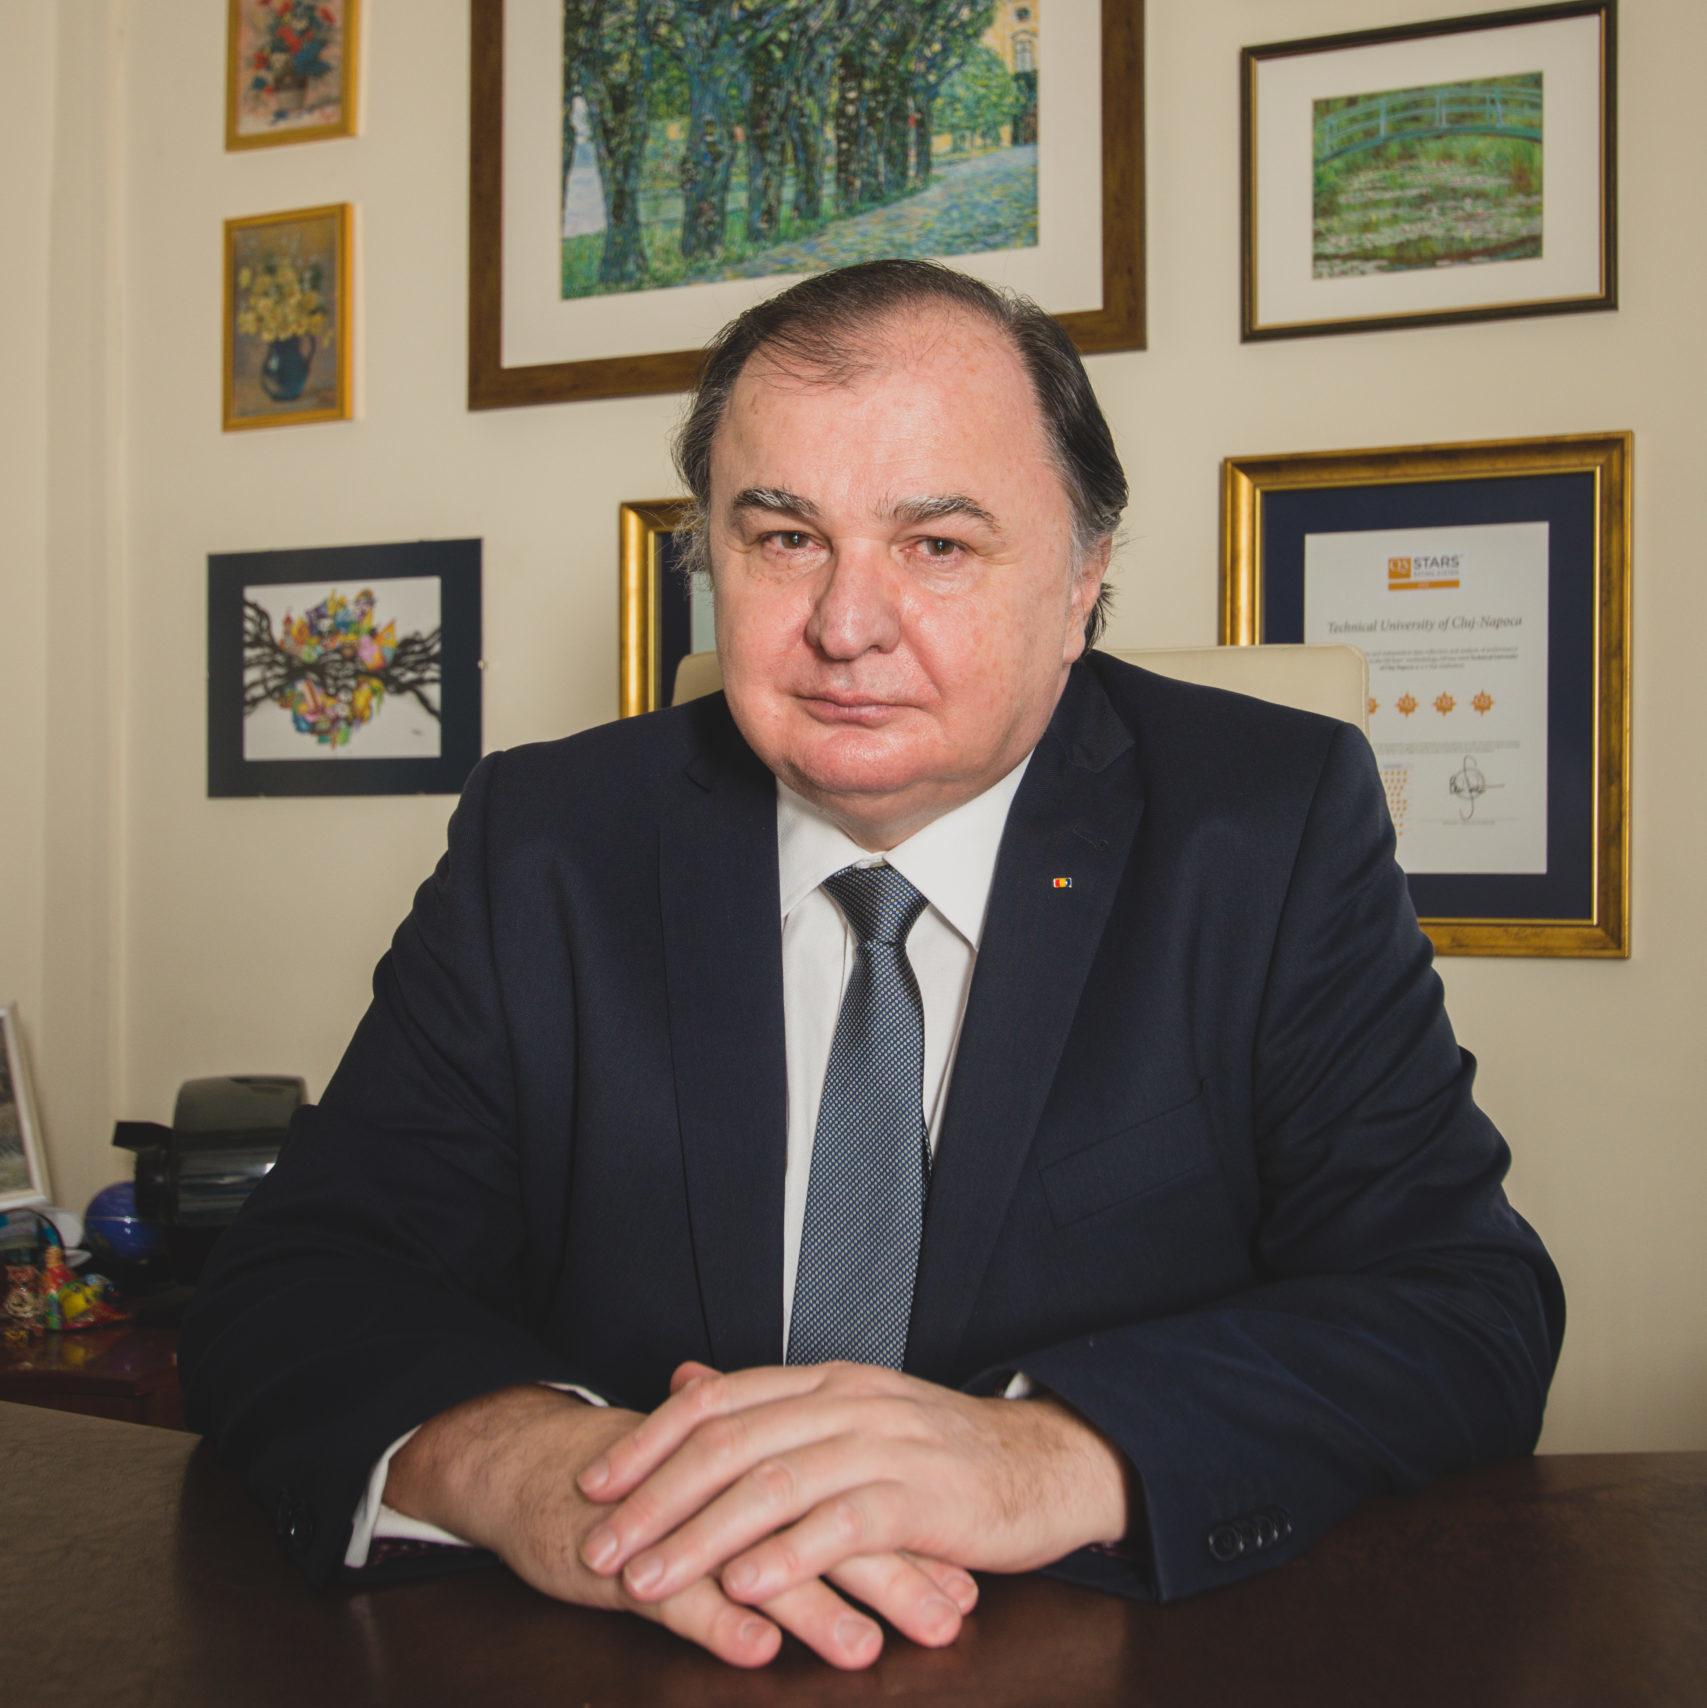 Portret Prog. dr. ing. Vasile Țopa în biroul Rectoratului